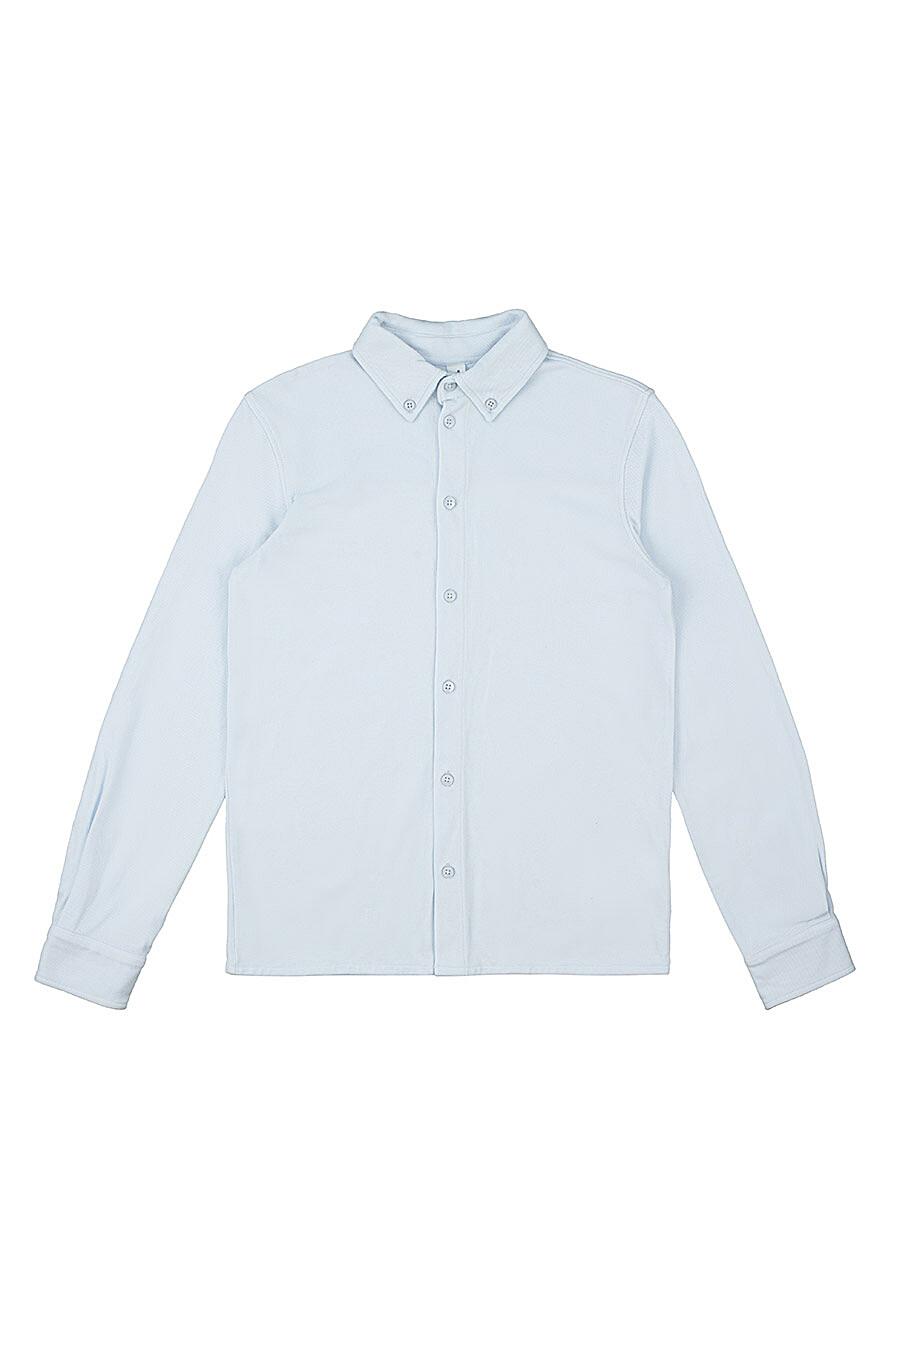 Рубашка для мальчиков IN FUNT 219034 купить оптом от производителя. Совместная покупка детской одежды в OptMoyo